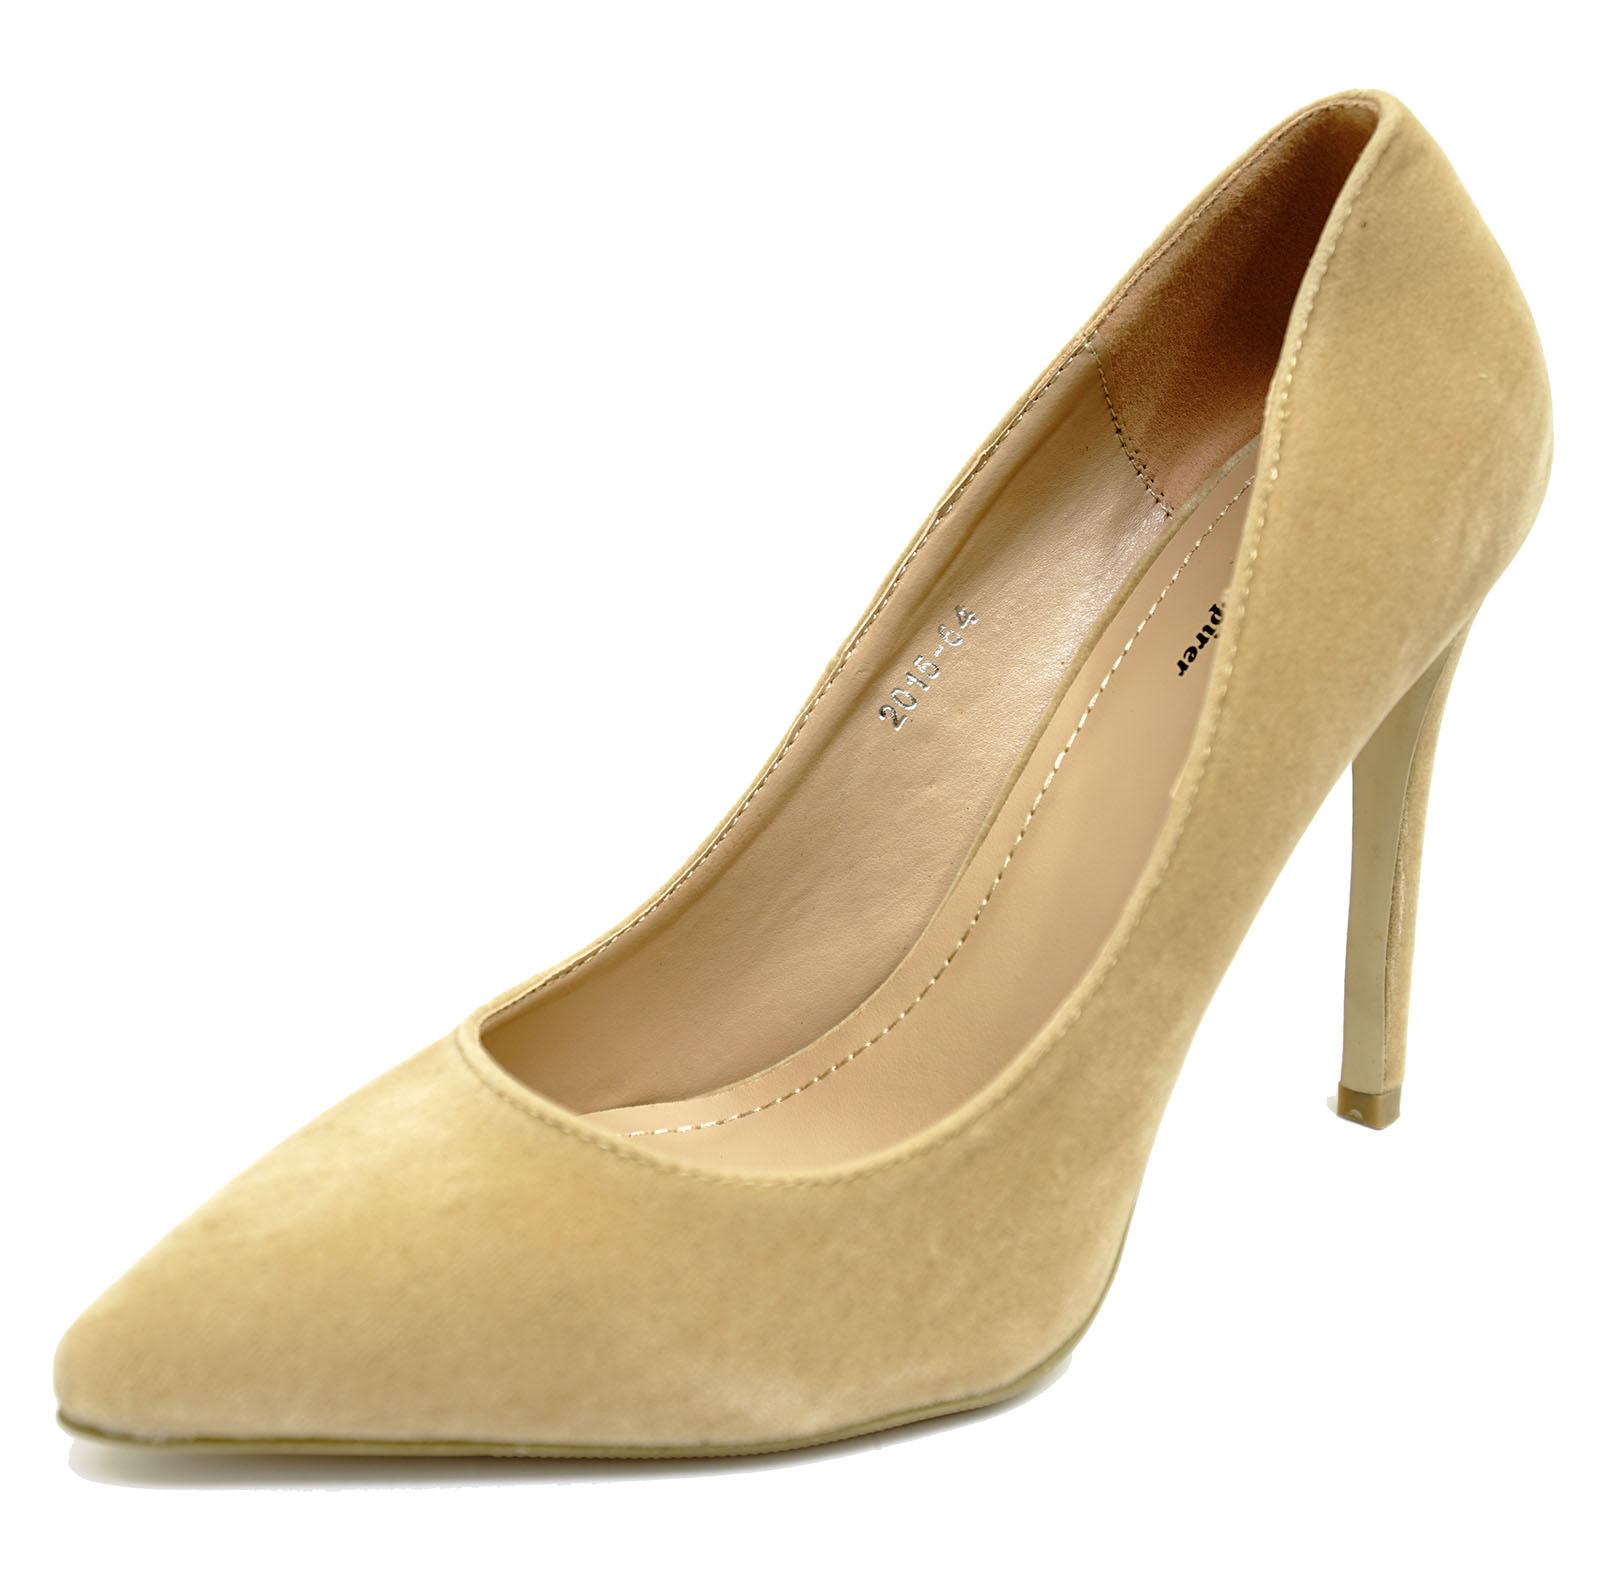 Secretario de Color Beige para Mujer Sin Cordones Zapatos Stiletto Tribunal trabajar Inteligente Puntiagudo UK 3-8